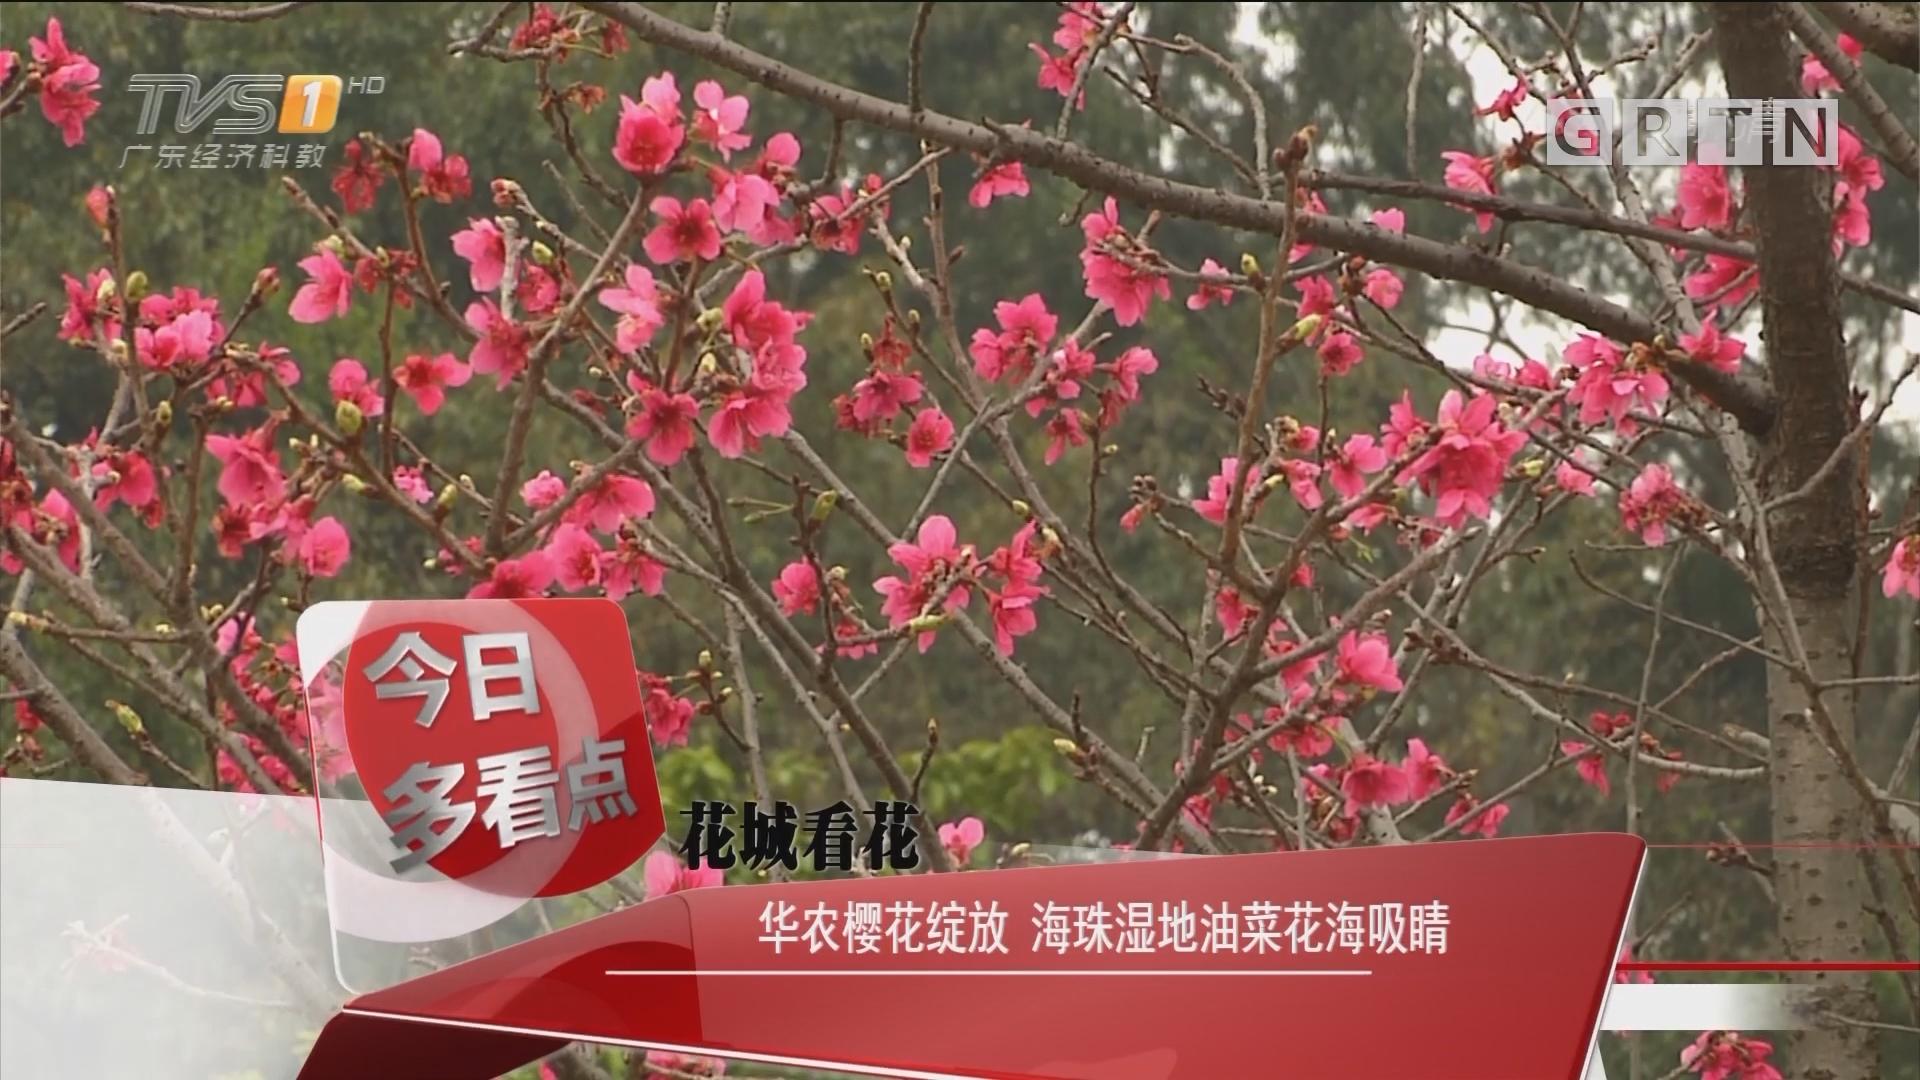 花城看花:华农樱花绽放 海珠湿地油菜花海吸睛